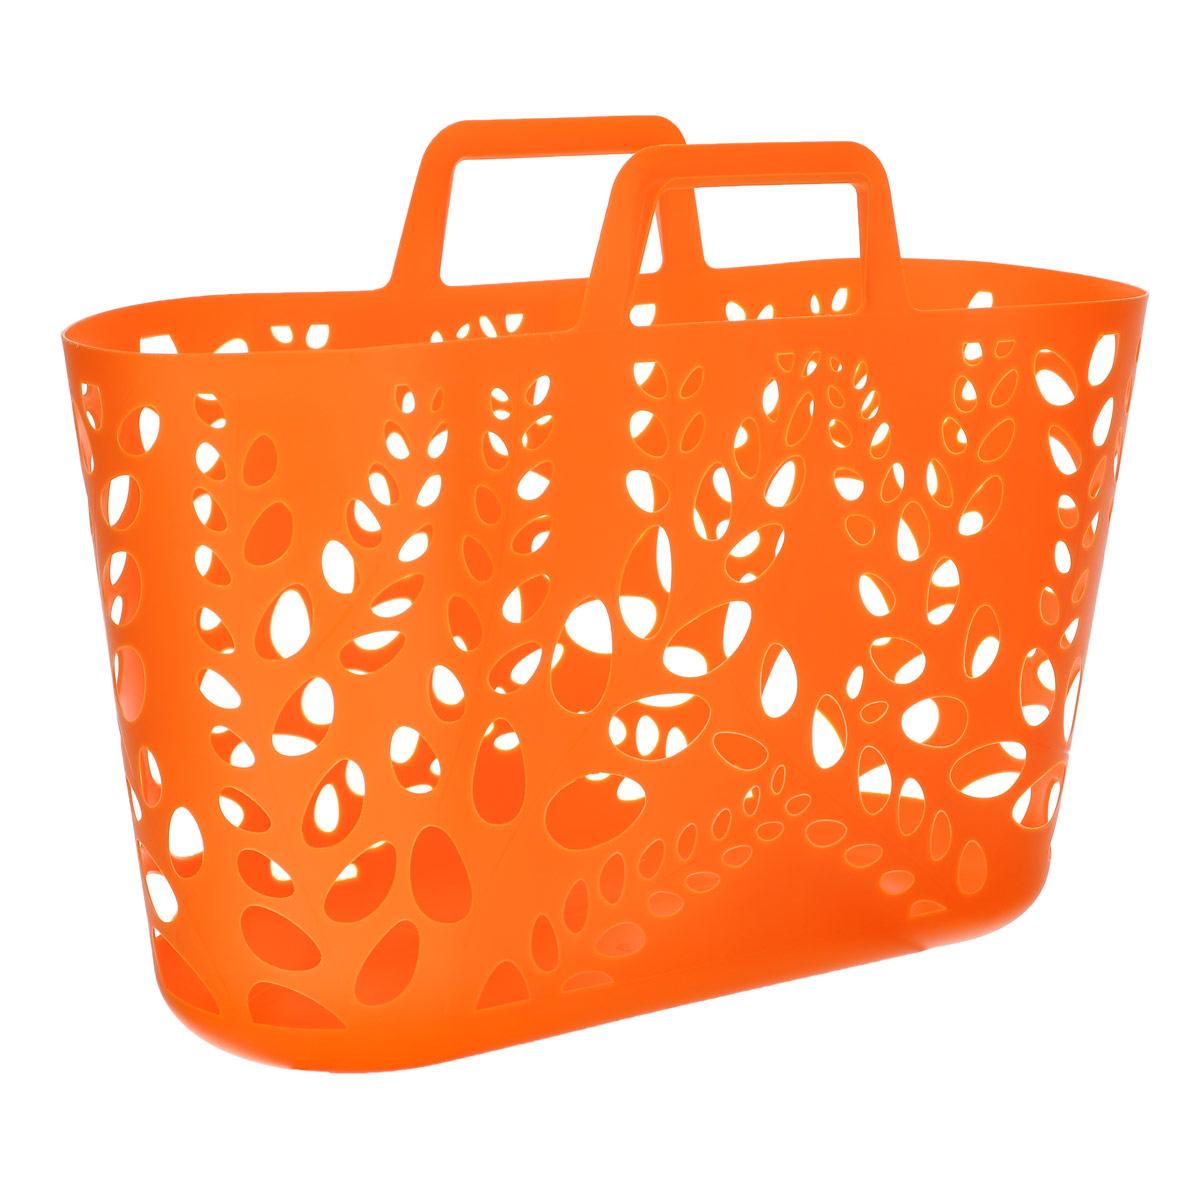 Корзина универсальная Econova, цвет: оранжевый, 55 см х 17 см х 39,5 смС12203Универсальная корзина Econova, изготовленная из пластика, отлично подойдет для хранения различных бытовых вещей. Корпус корзины декорирован перфорацией. Благодаря двум ручкам ее легко переносить с места на место.